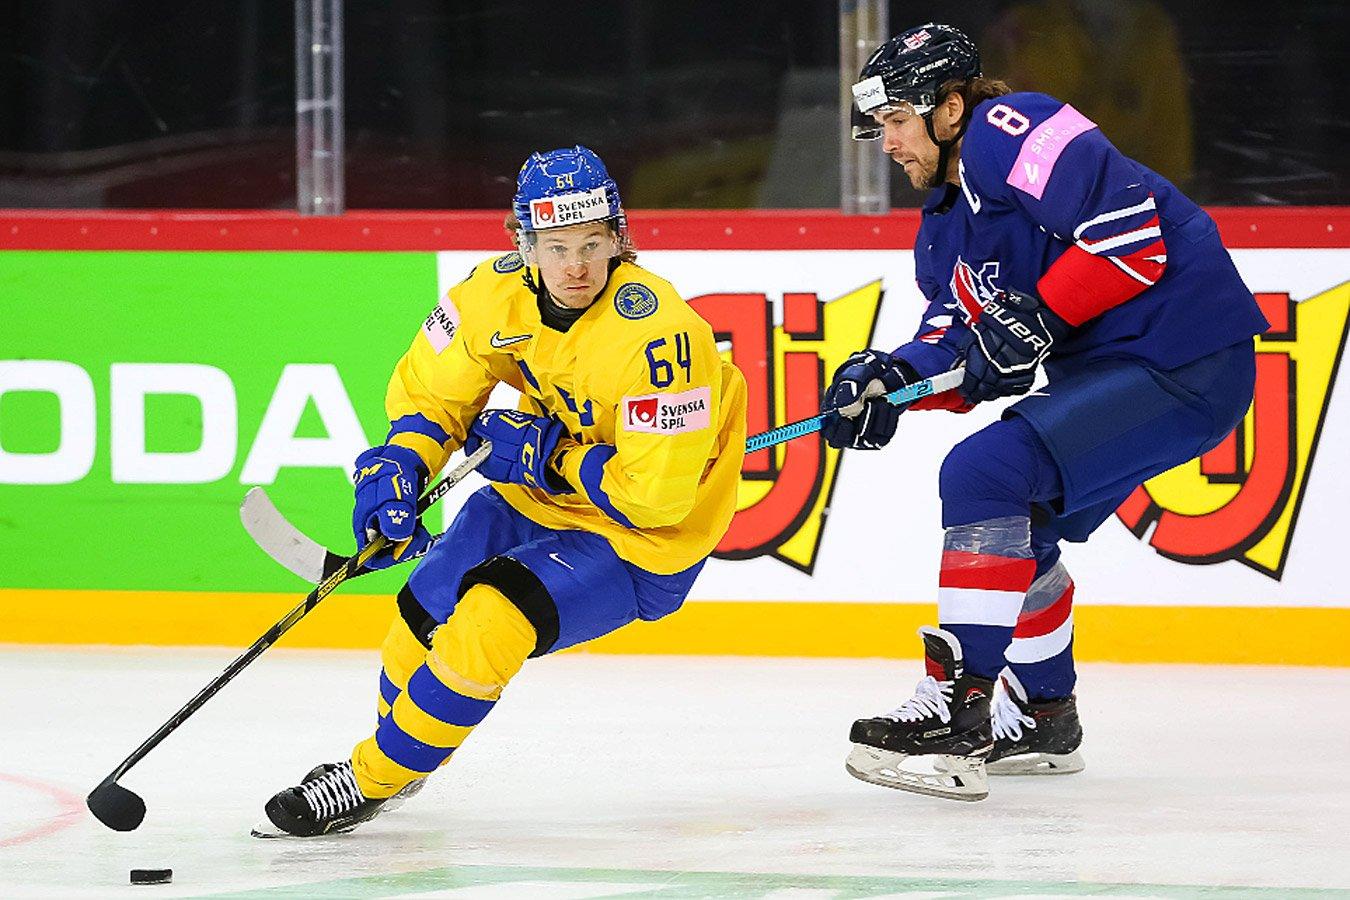 Результаты восьмого игрового дня и турнирная таблица чемпионата мира по хоккею — 2021